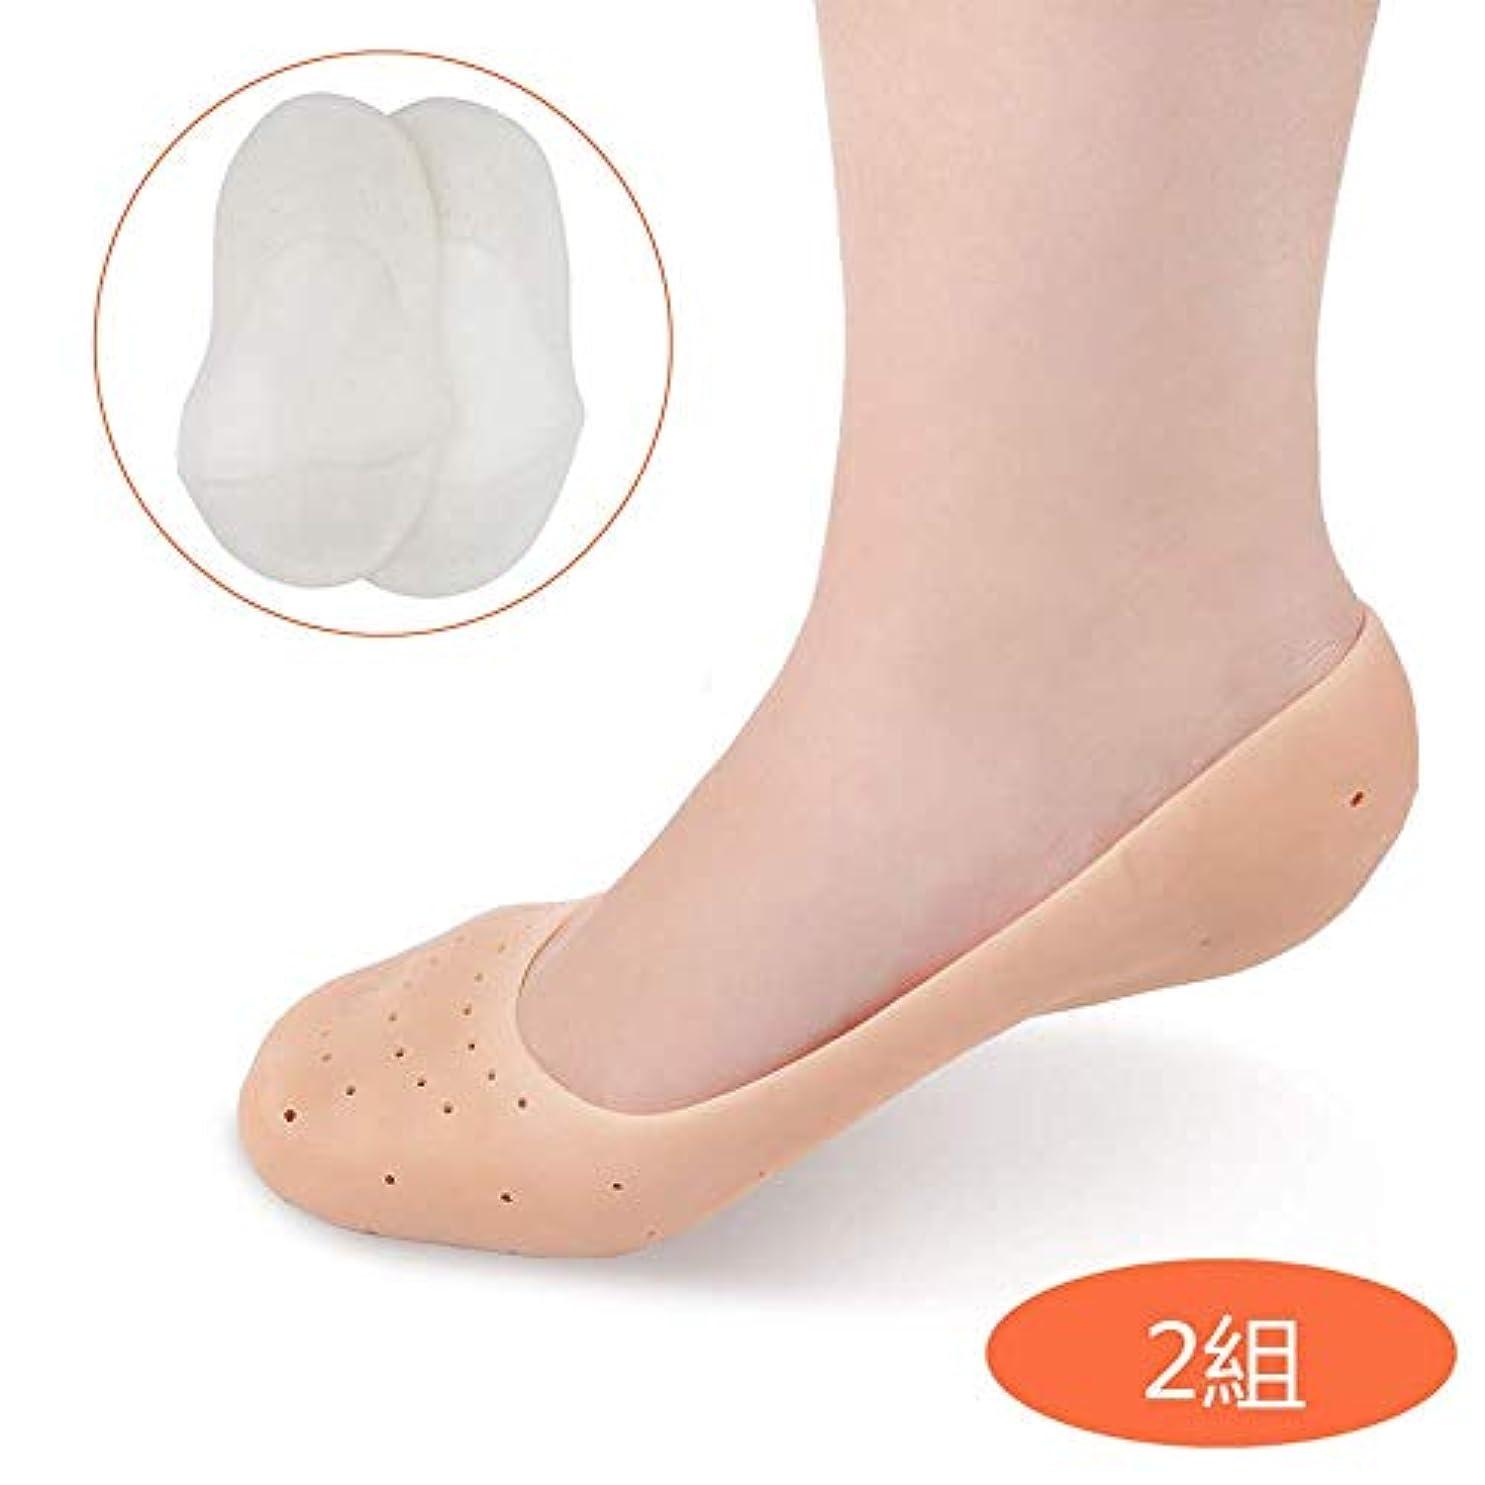 溢れんばかりの閲覧する裏切るシリコンソックス 靴下 かかとケア ヒールクラック防止 足ケア 保湿 角質ケア 皮膚保護 痛みの緩和 快適 通気性 男女兼用 (2組)